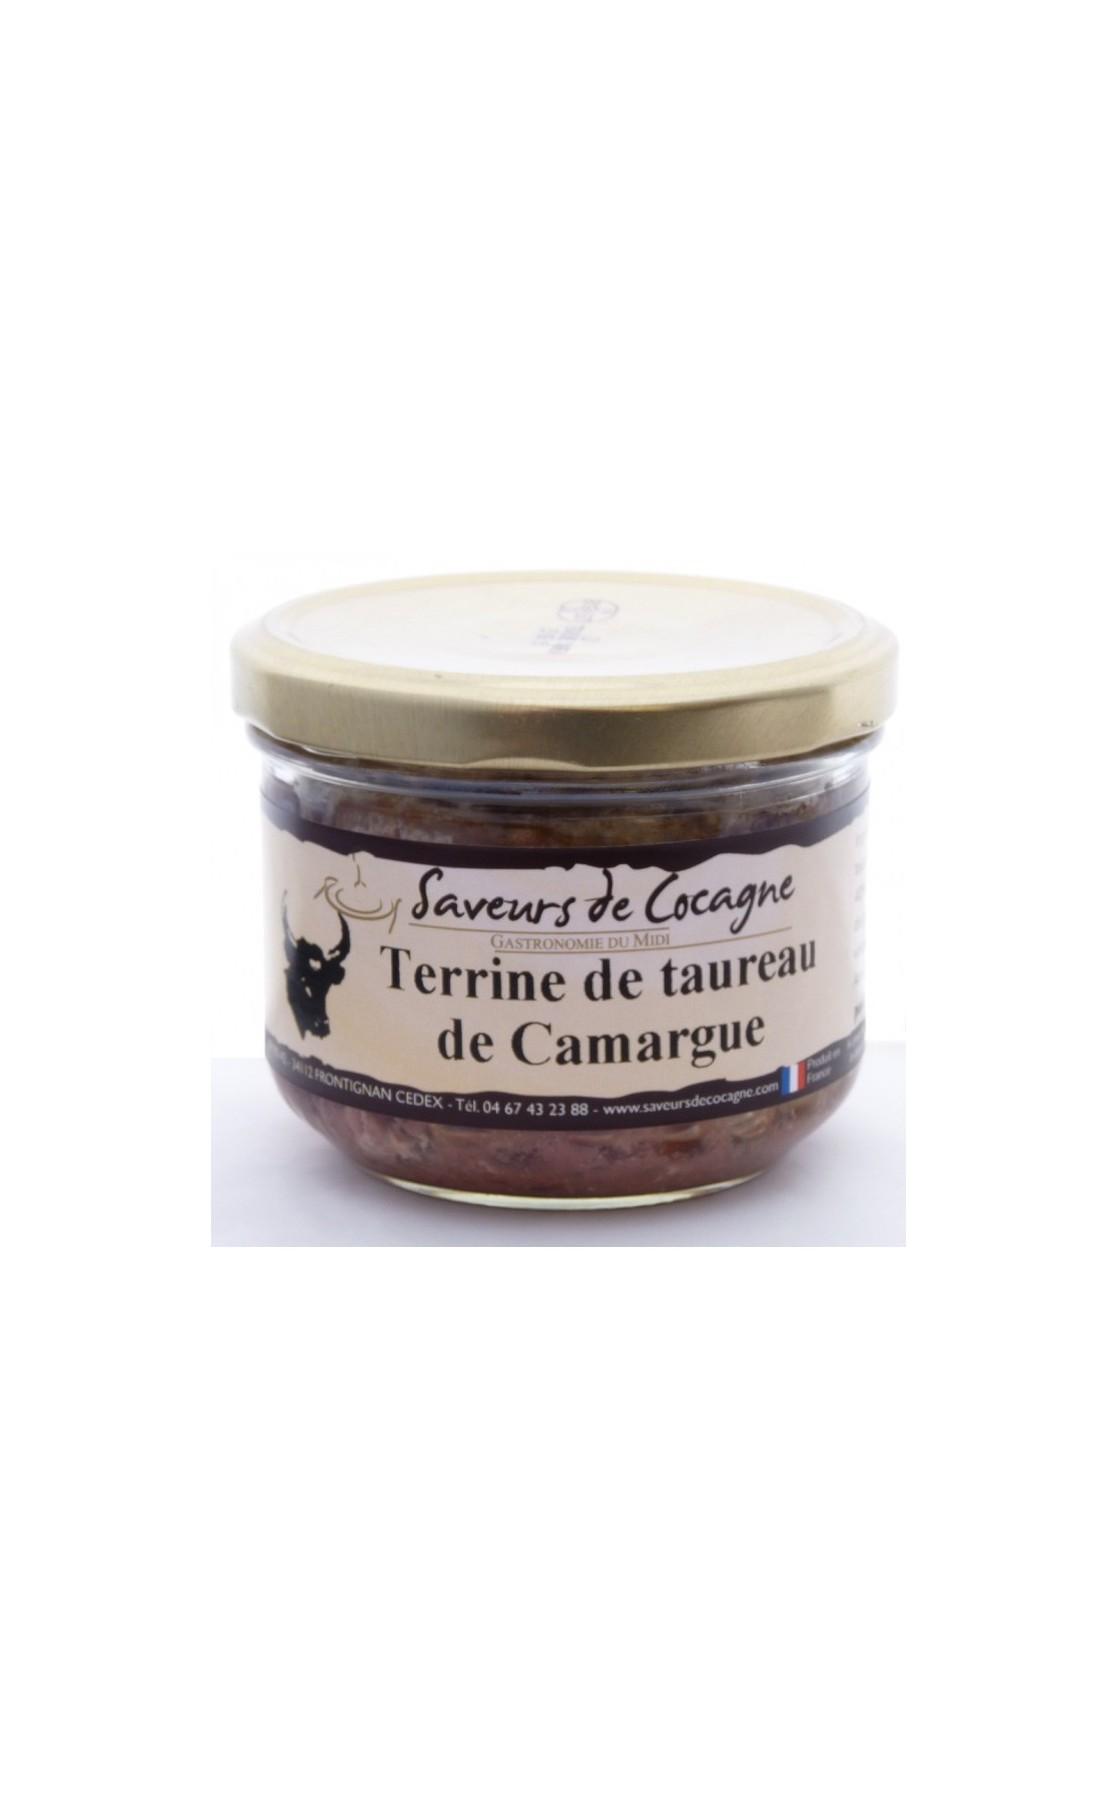 Terrine de taureau de Camargue 180g